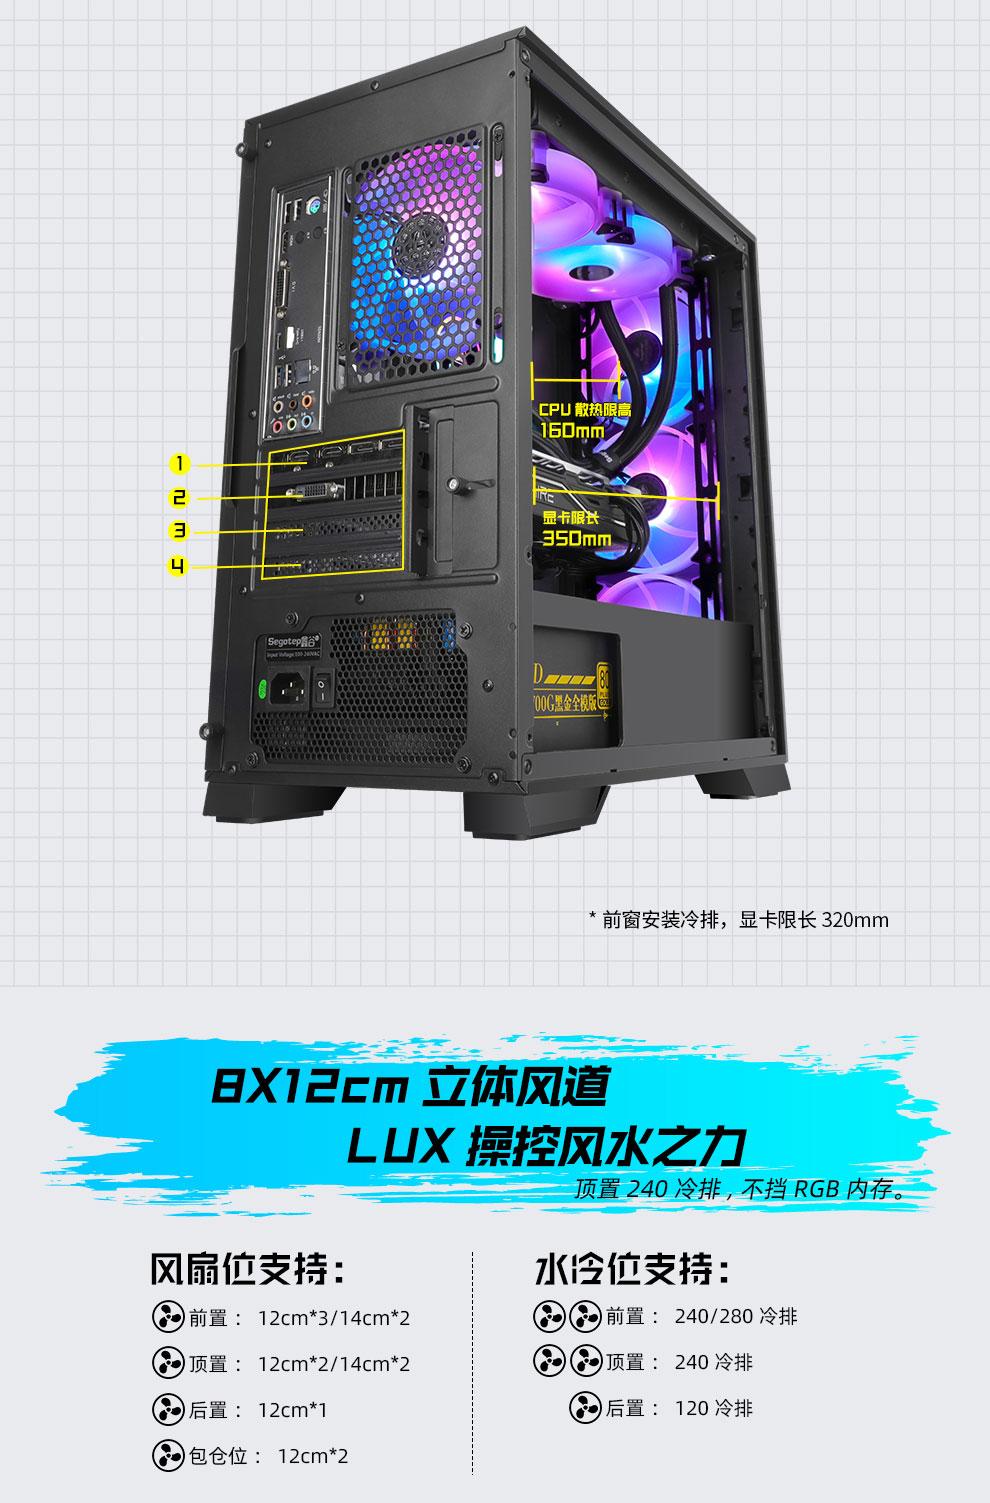 鑫谷(Segotep)LUX青春版黑色机箱(240-280水冷位/8风扇位/MATX主板位/酷炫侧通透电竞游戏小机箱)